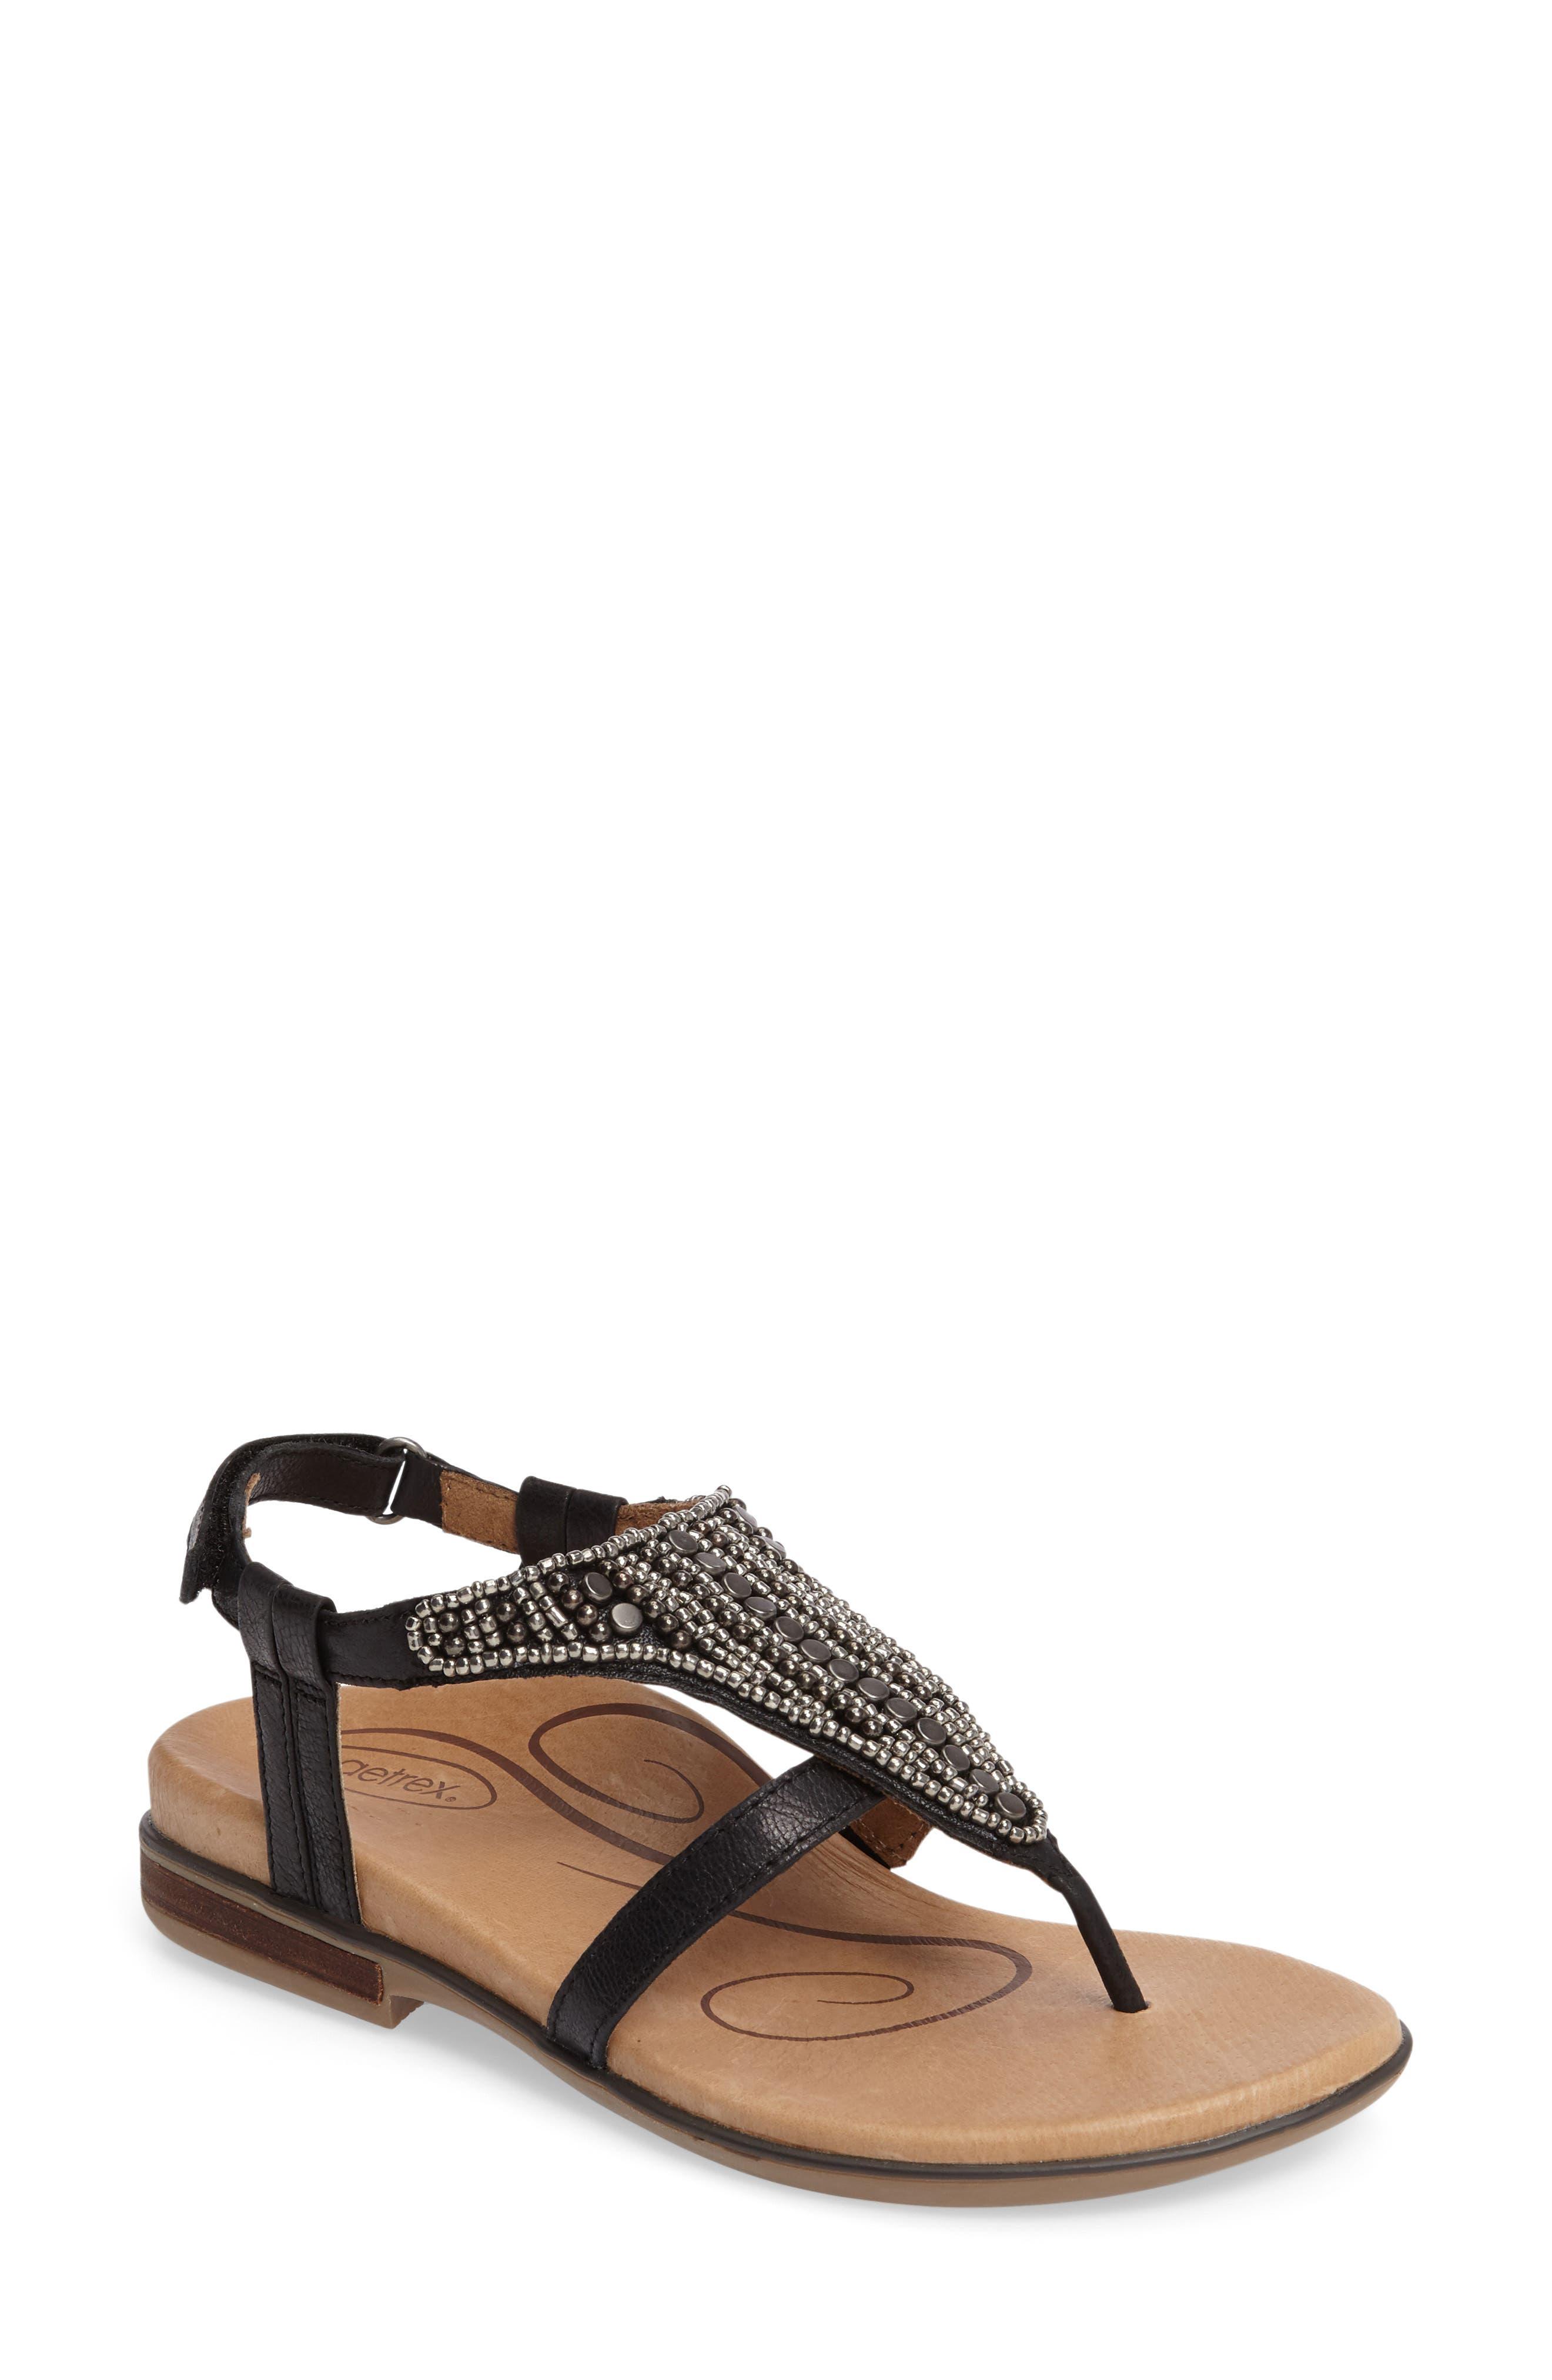 Sheila Embellished Sandal,                         Main,                         color, 001